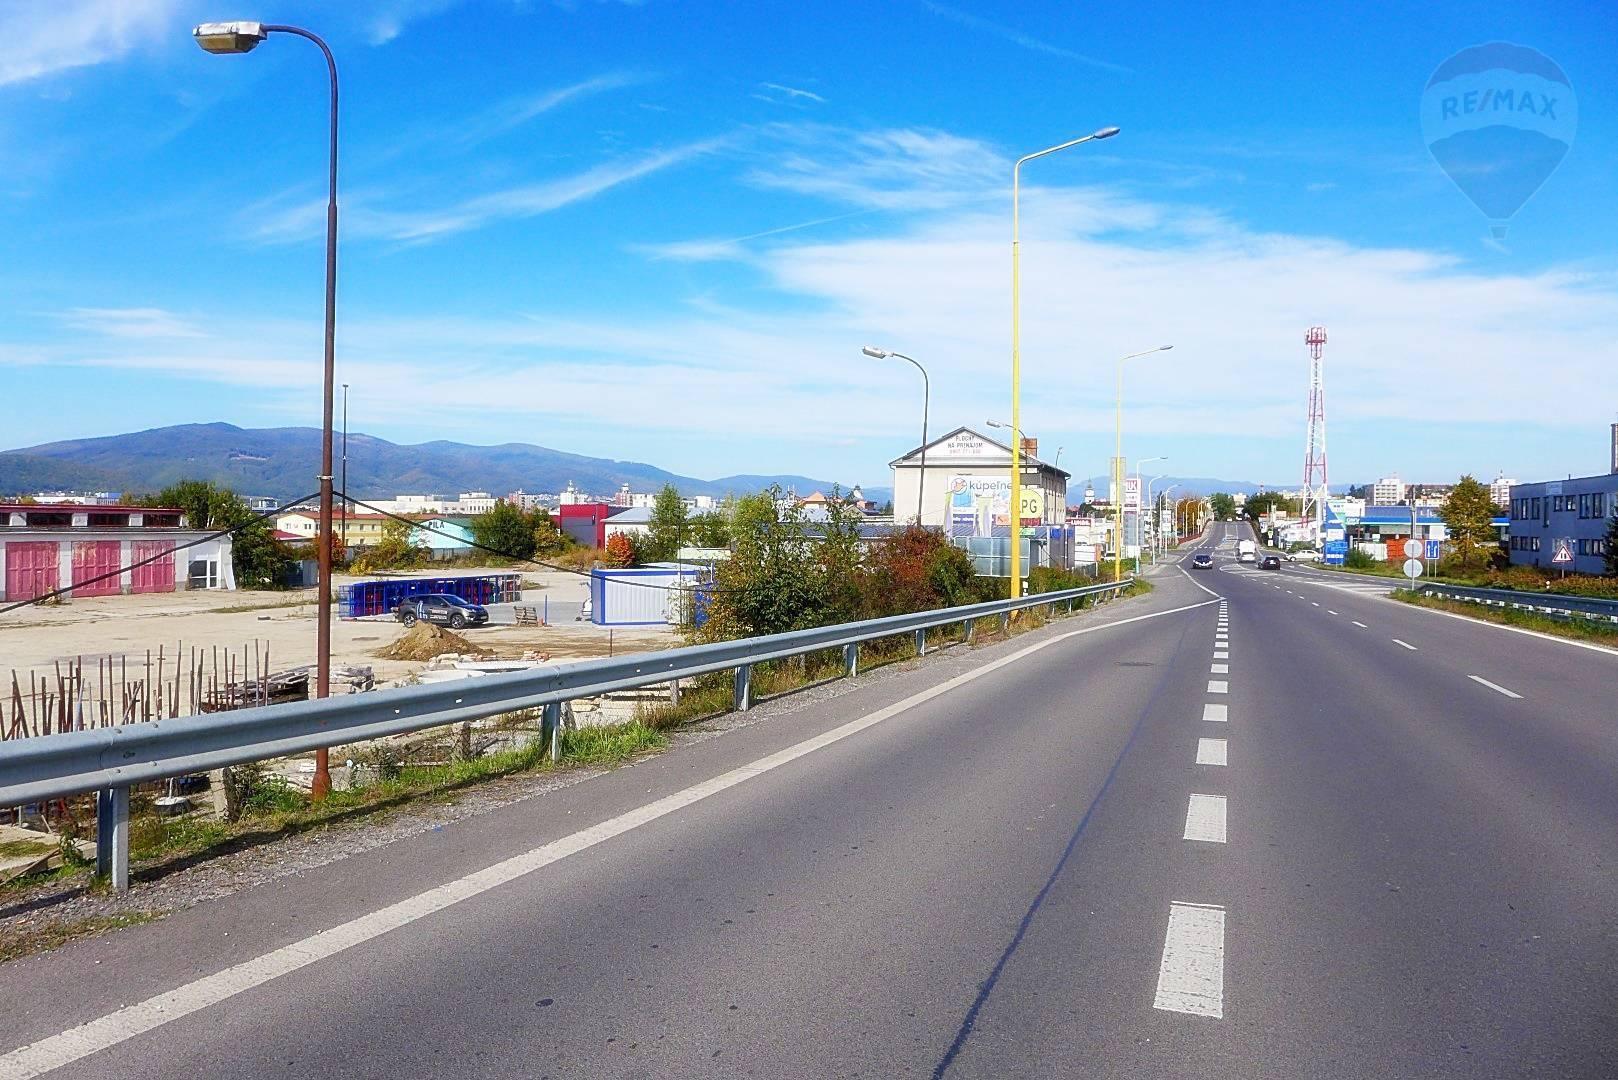 Predaj pozemku 8566 m2, Prievidza - Pozemok o výmere 8.566 m2, ul. Nadjazdová,  priamo pri hlavnom ťahu cesty TRENČÍN - PRIEVIDZA